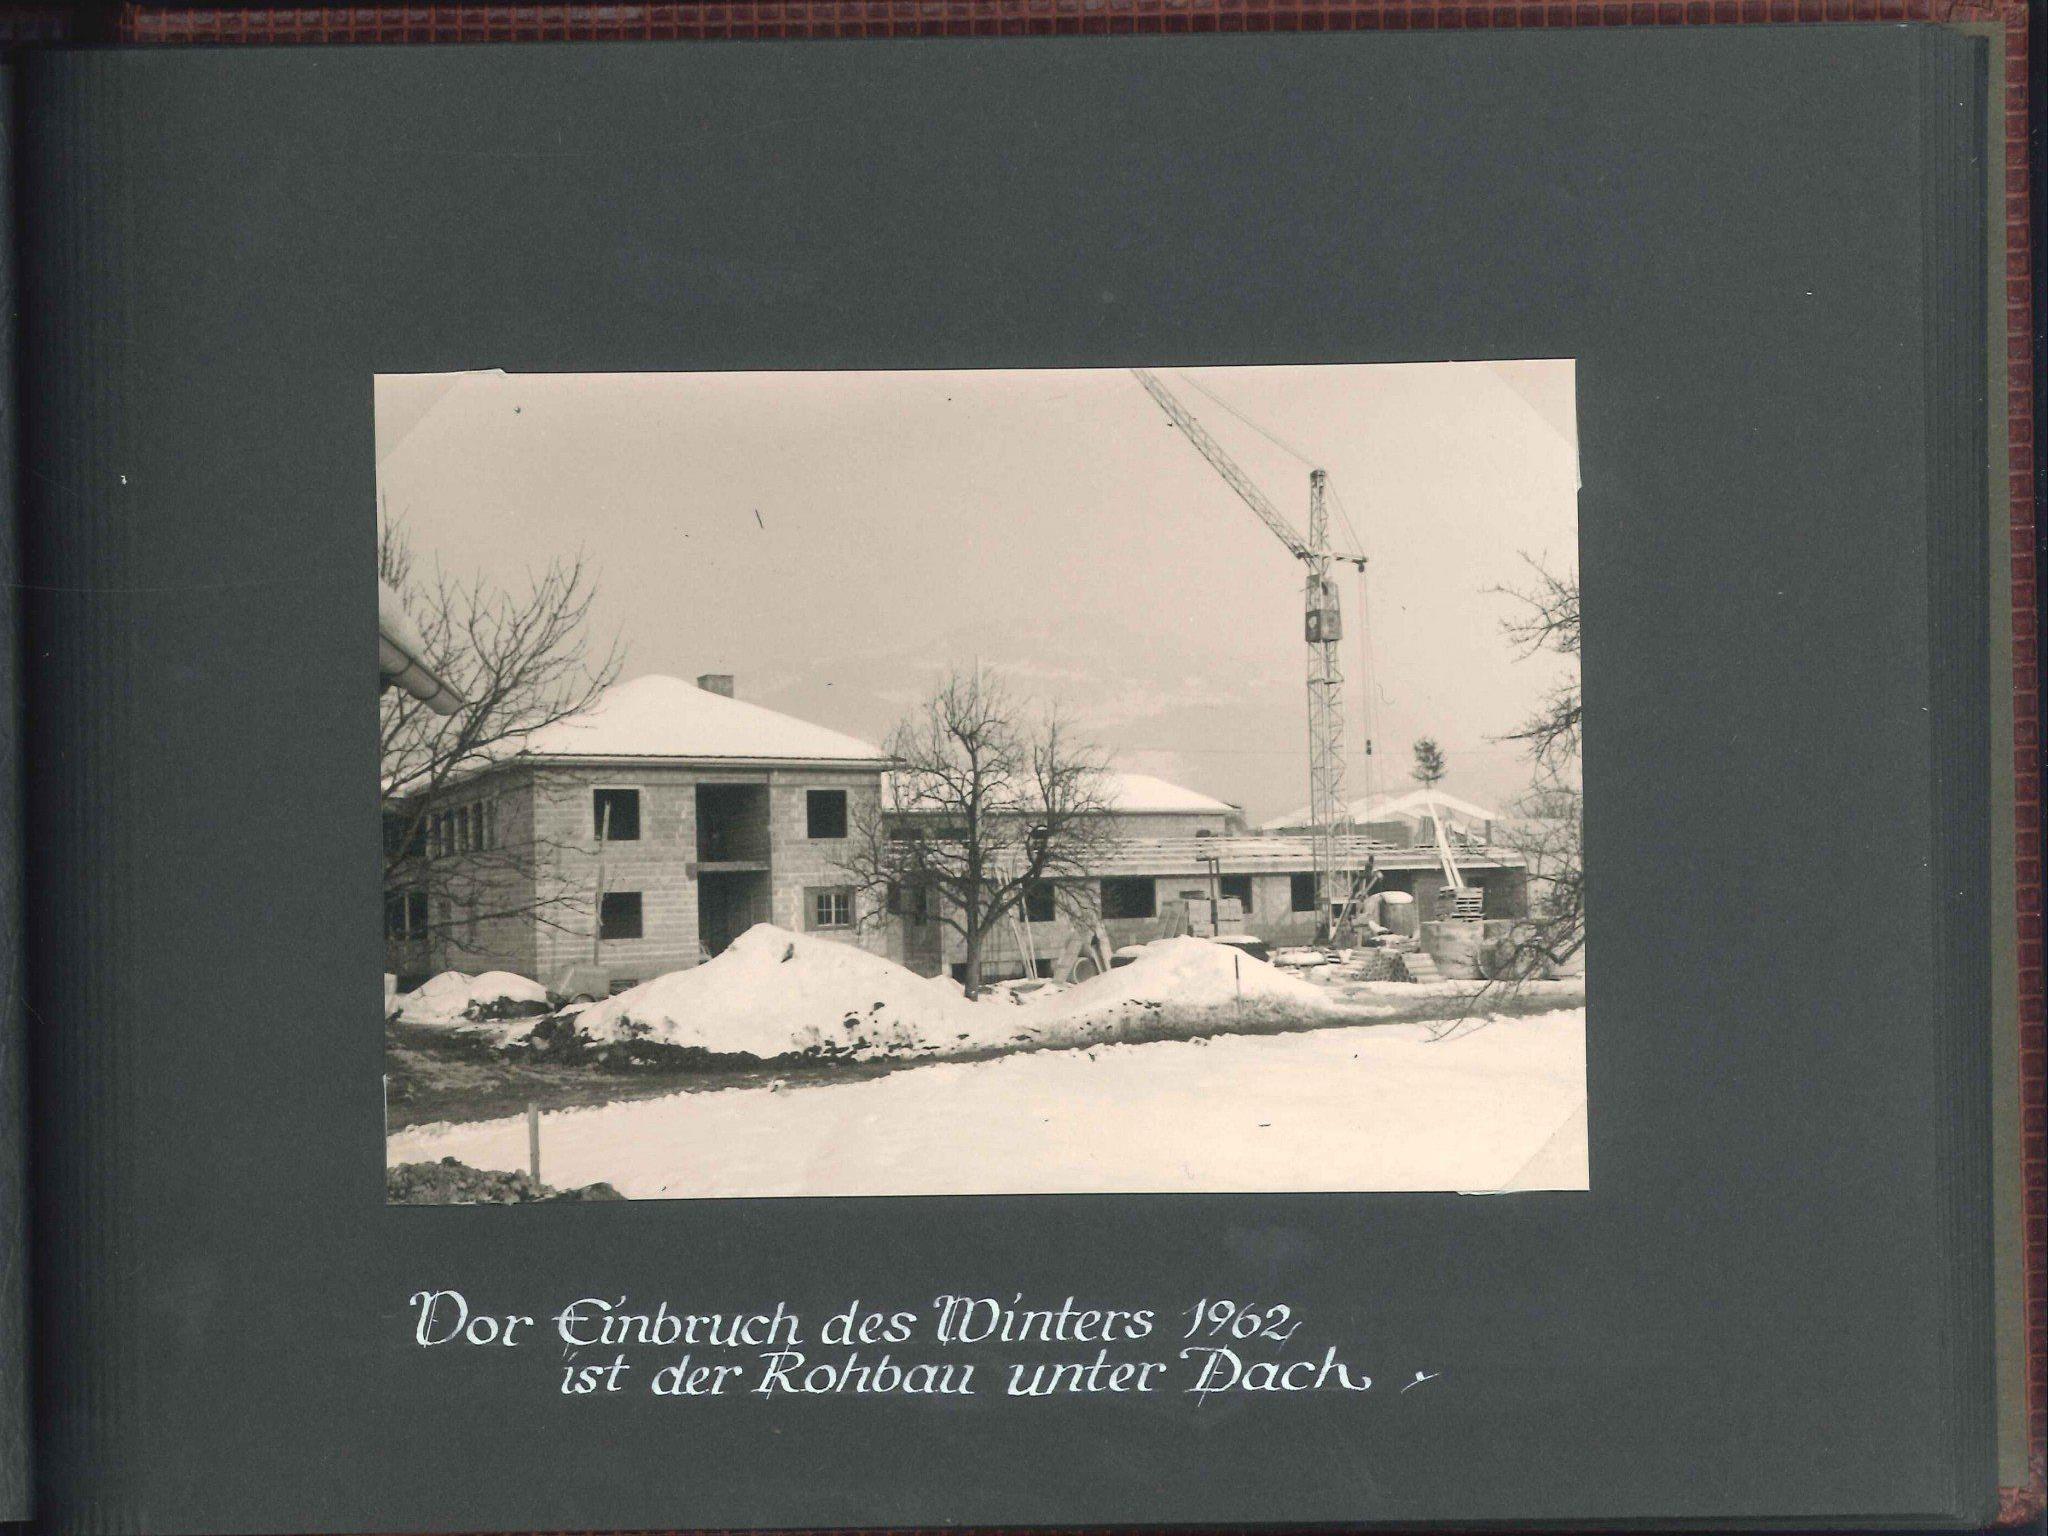 Vor Einbruch des Winters 1962 war der Rohbau des Klein-Theresien-Karmel in Rankweil unter Dach.